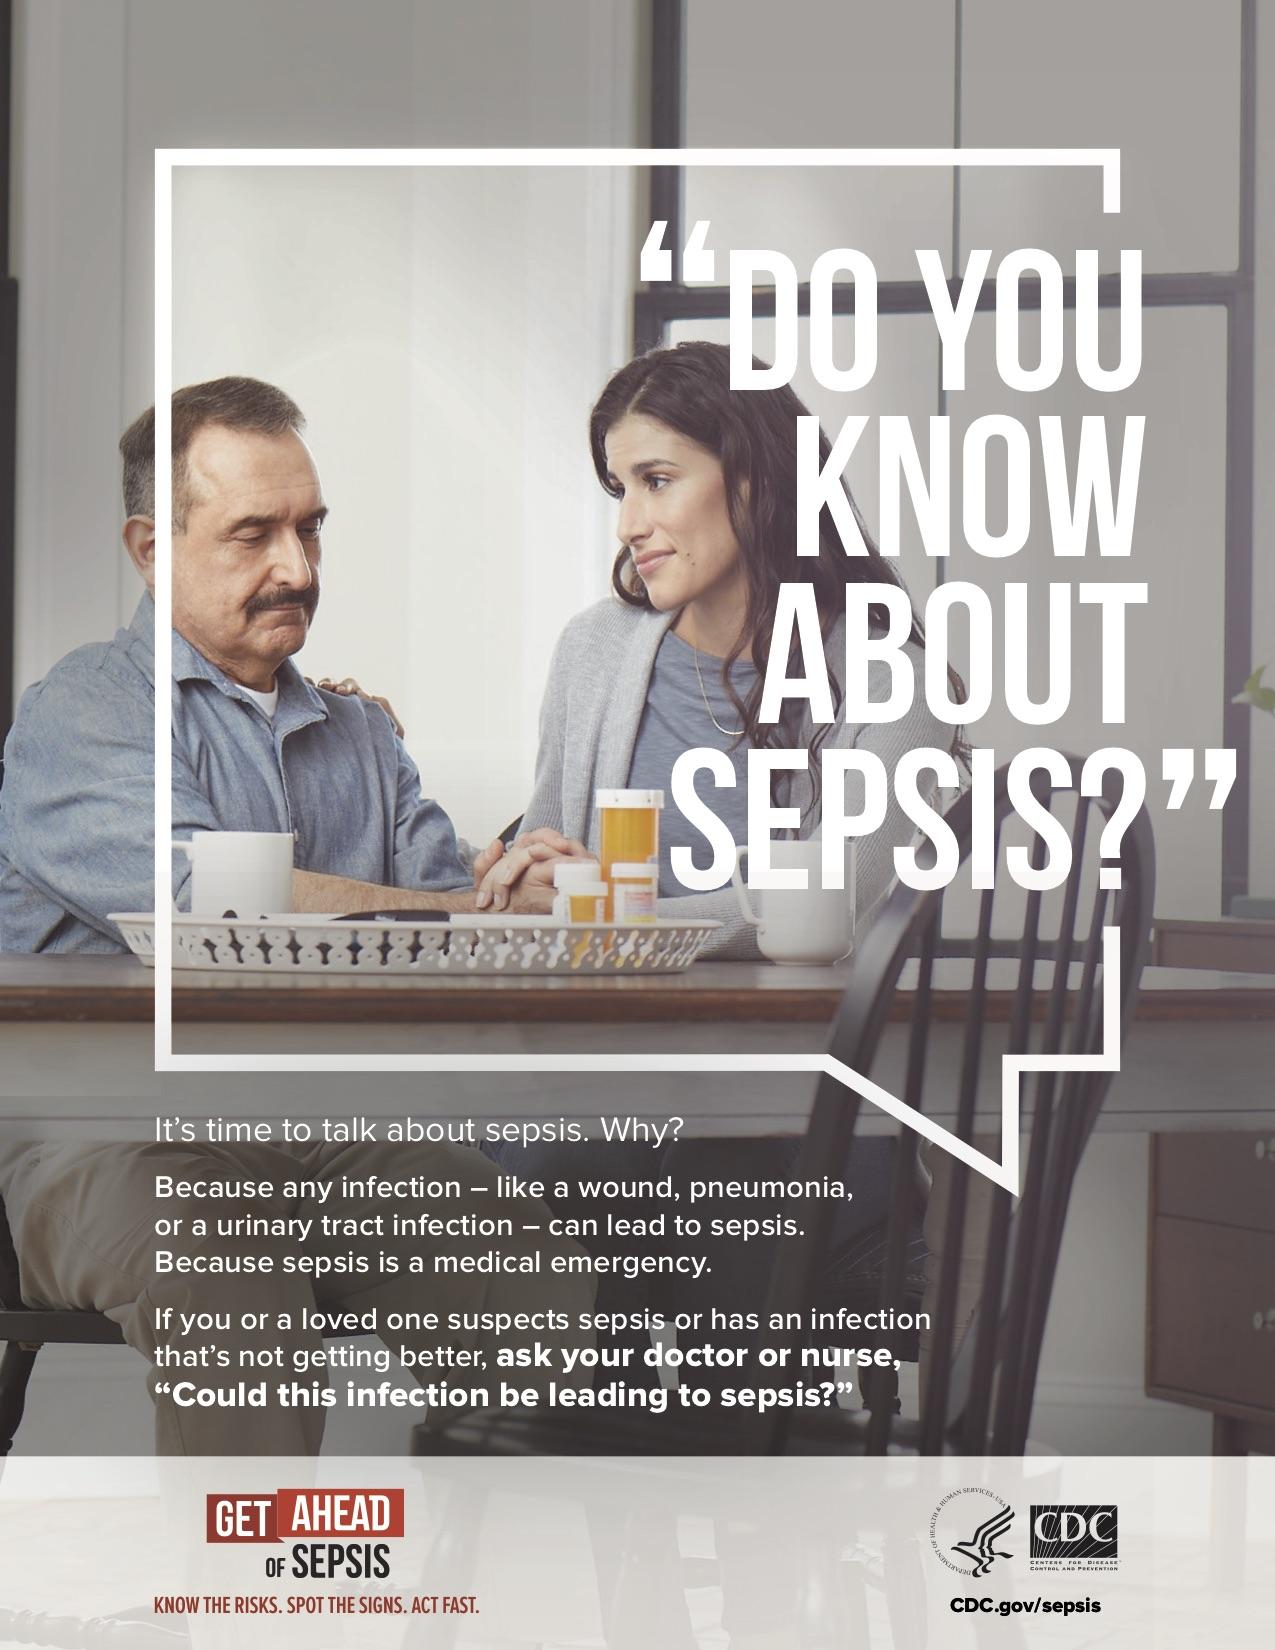 Consumer_PSA_Do-you-know-about-sepsis-da